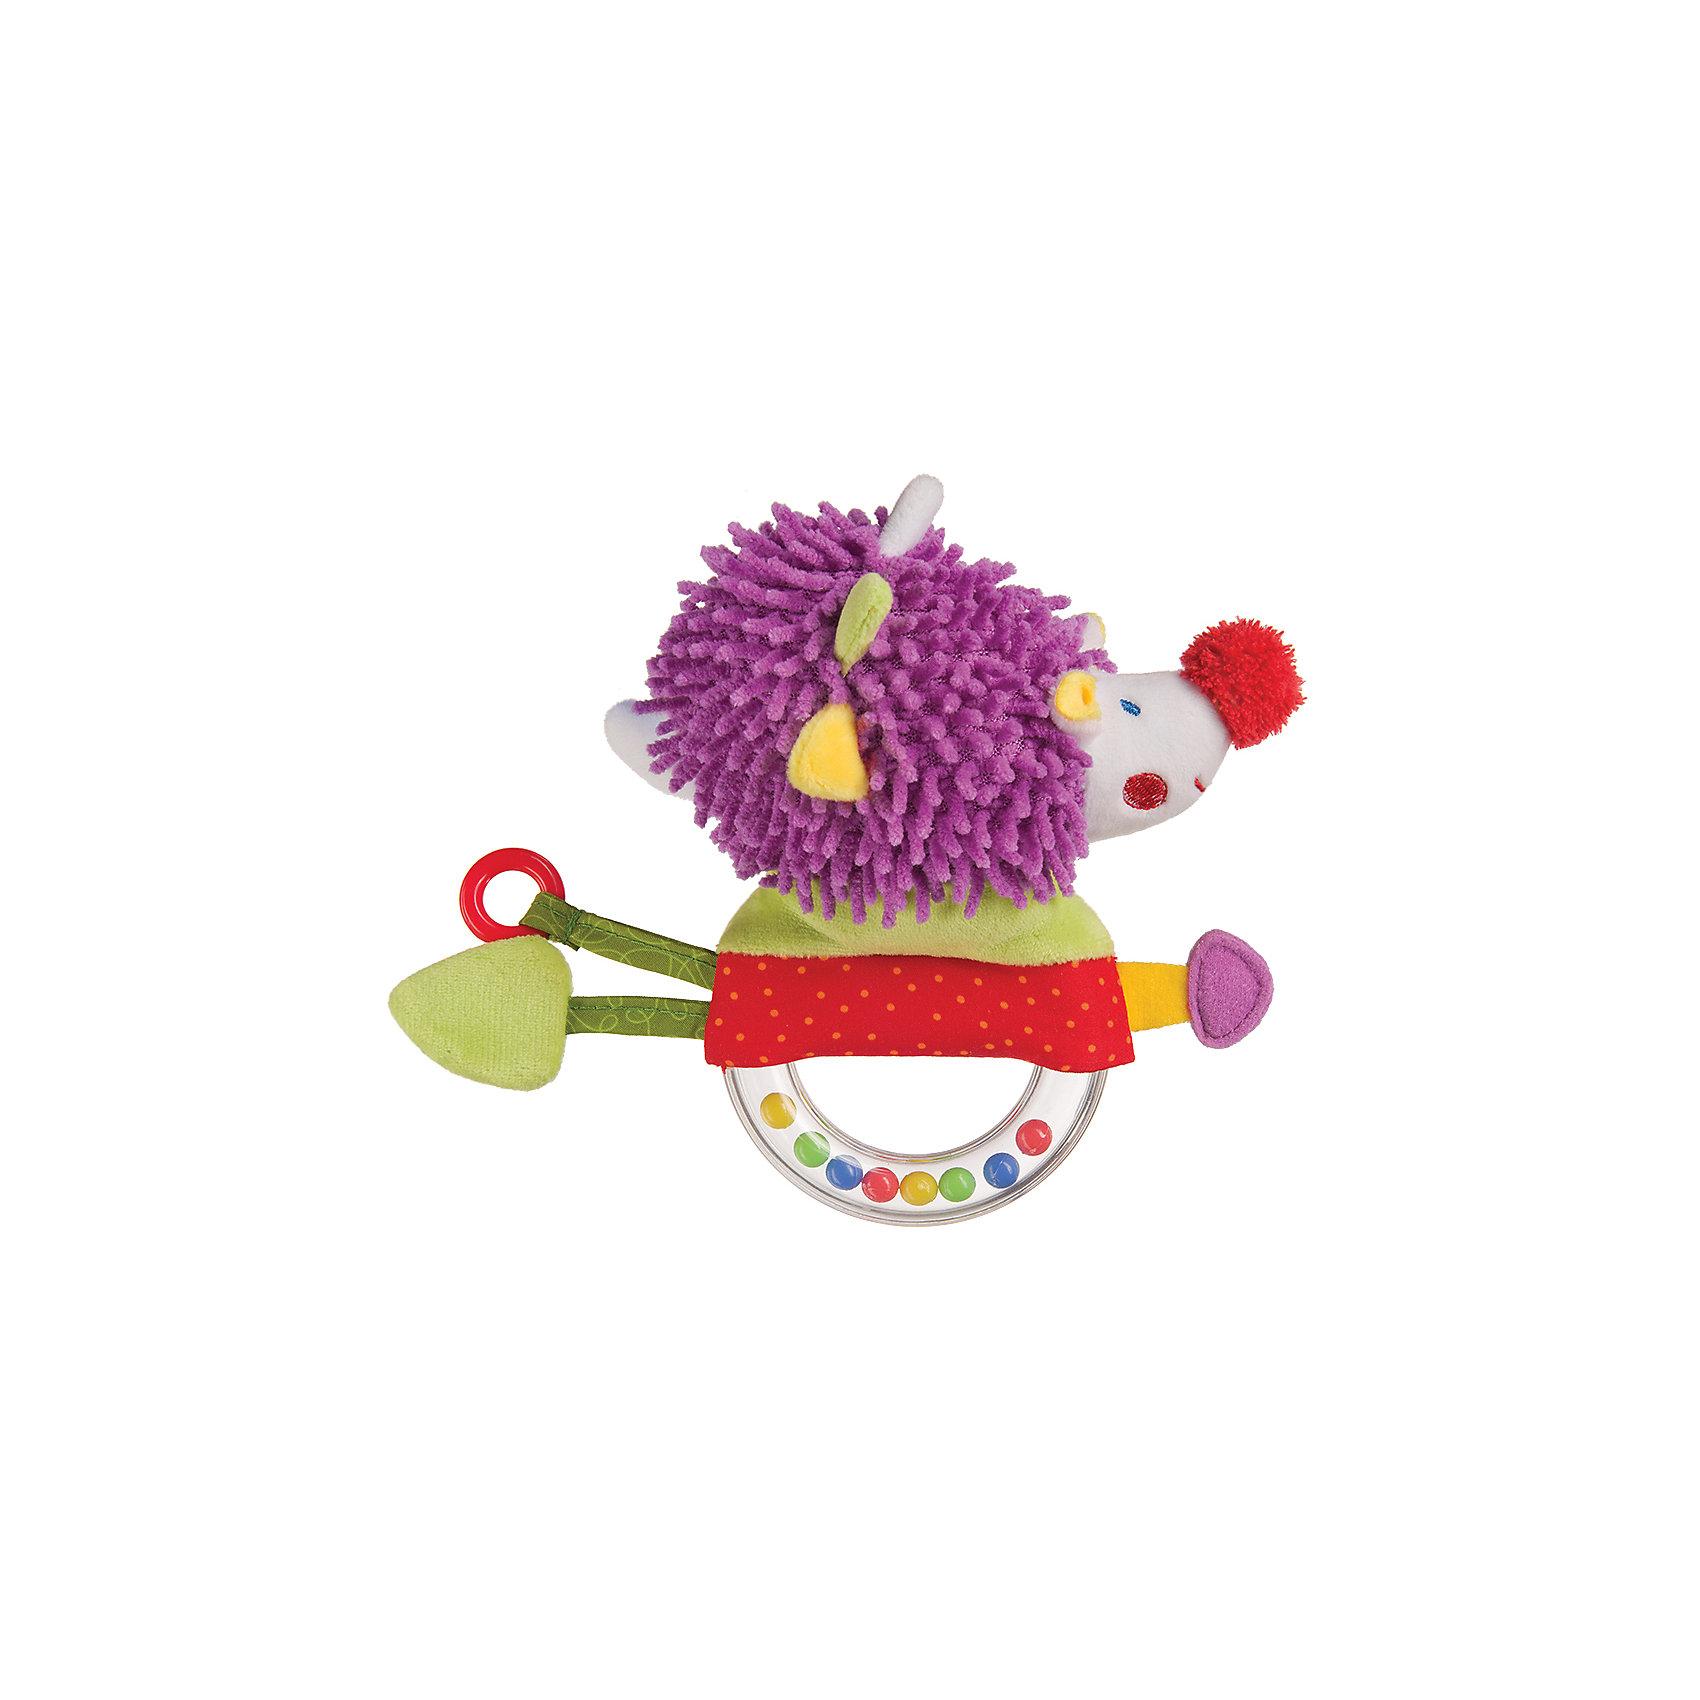 Погремушка-пищалка Funny Hedgehog,  Happy BabyПогремушки<br>Характеристики:<br><br>• Вид игр: развивающие, обучающие<br>• Материал: полиэстер, хлопок, пластик<br>• Тип крепления: завязки<br>• Наличие звуковых, шумовых эффектов<br>• Вес: 88 г<br>• Параметры (Д*Ш*В): 5,5*14*21 см <br>• Особенности ухода: влажная и сухая чистка<br><br>Погремушка-пищалка Funny Hedgehog,   Happy Baby   выполнена в виде ежика, который закреплен на кольце с бусинами внутри. У кольца удобный размер для детской руки. Ежик состоит из элементов разного цвета, фактуры и с различными звуковыми эффектами. Игры с такой игрушкой будут способствовать зрительному и слуховому восприятию, координации движений, будут развивать мелкую моторику рук и эмоциональную сферу ребенка.   <br><br>Погремушку-пищалку Funny Hedgehog,   Happy Baby   можно купить в нашем интернет-магазине.<br><br>Ширина мм: 55<br>Глубина мм: 140<br>Высота мм: 210<br>Вес г: 88<br>Возраст от месяцев: 3<br>Возраст до месяцев: 18<br>Пол: Унисекс<br>Возраст: Детский<br>SKU: 5621710